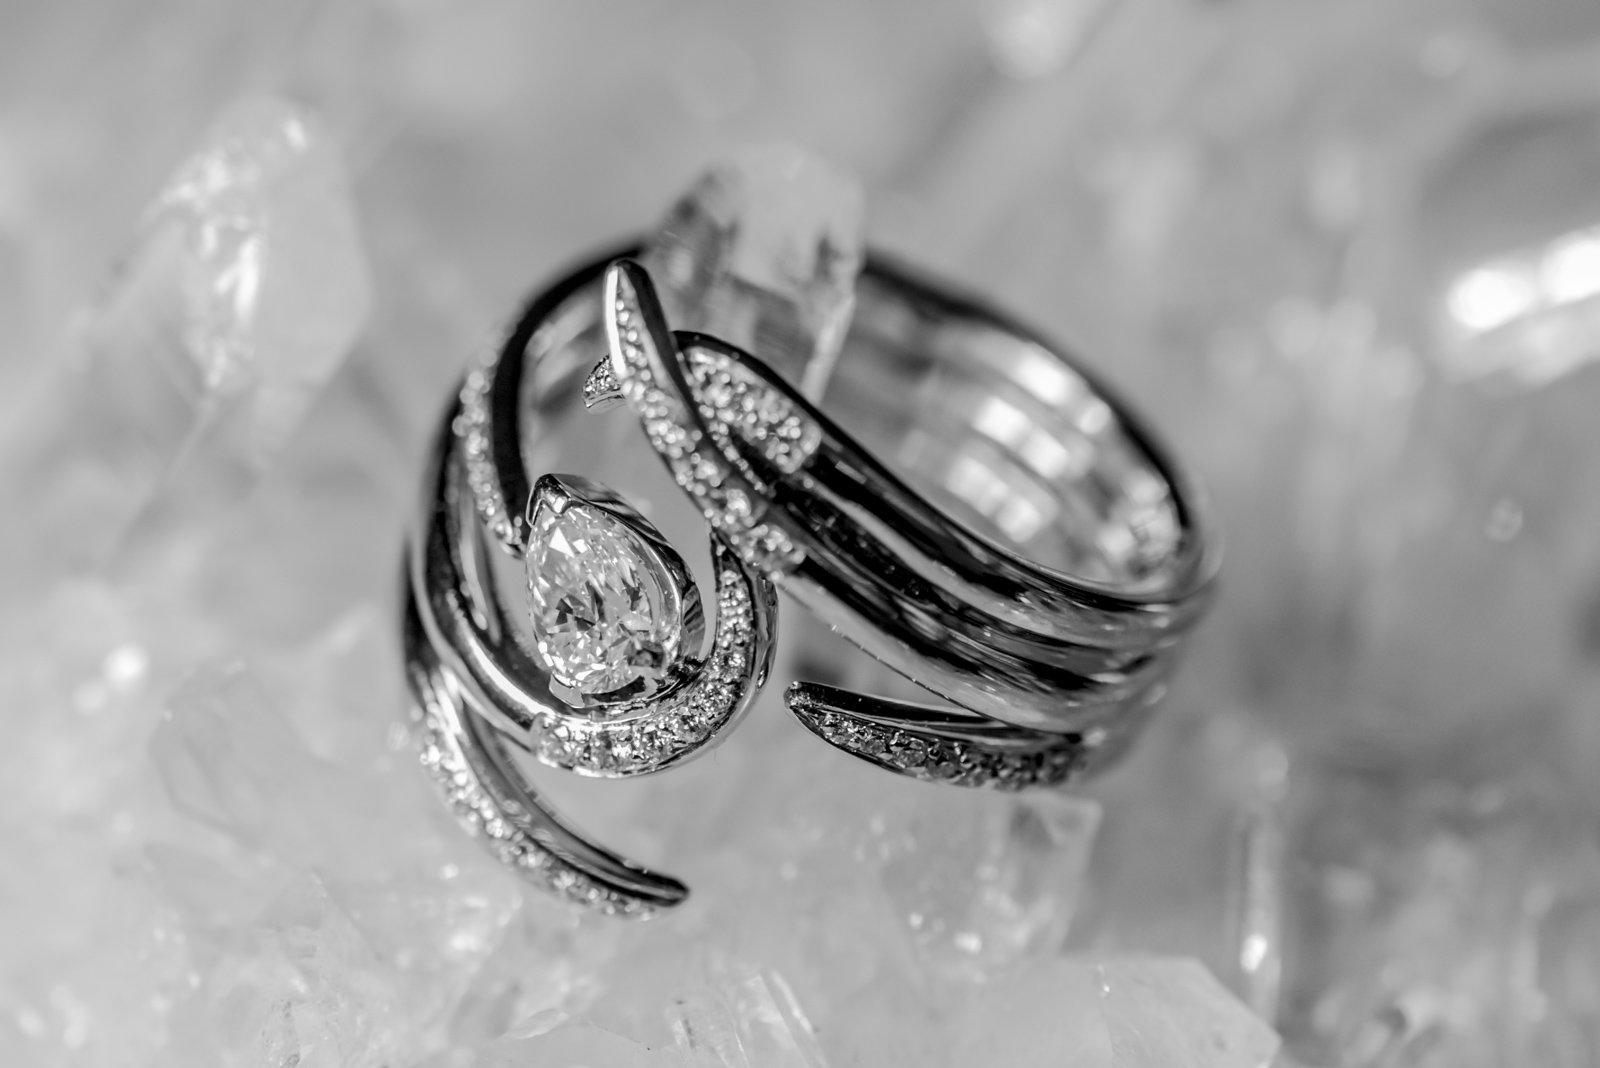 Bespoke Ring